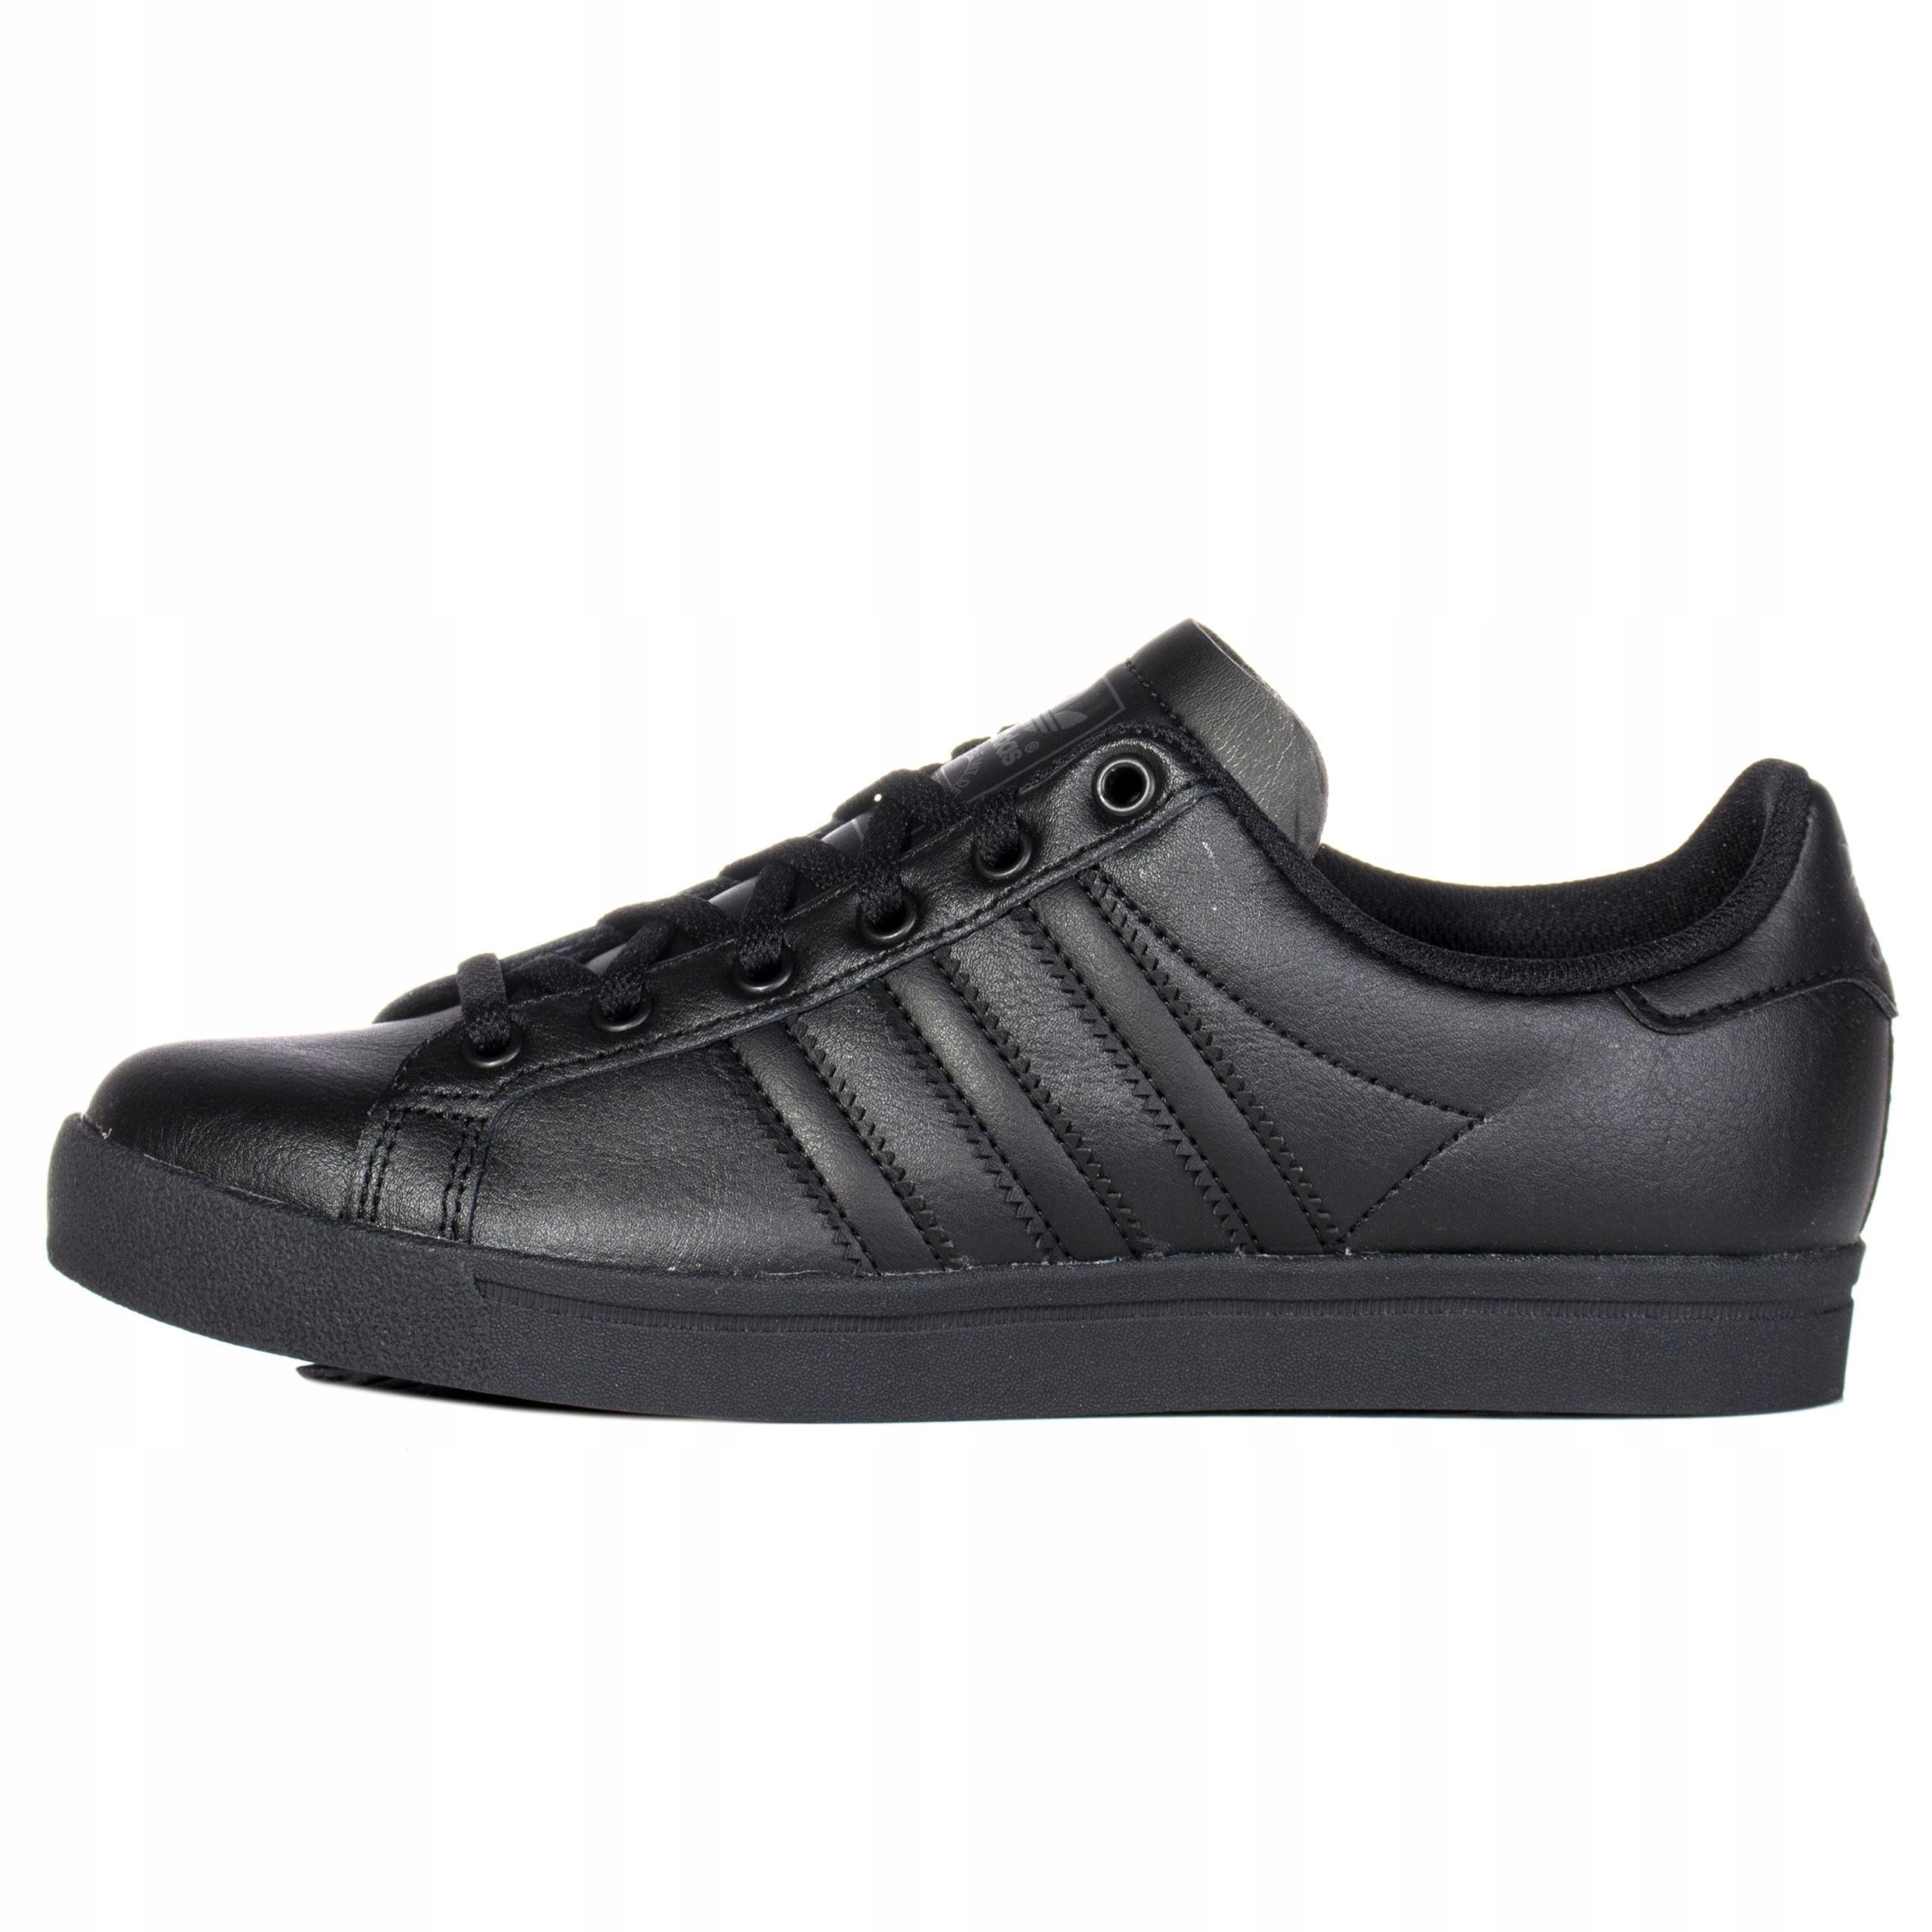 Buty adidas Coast Star J EE9700